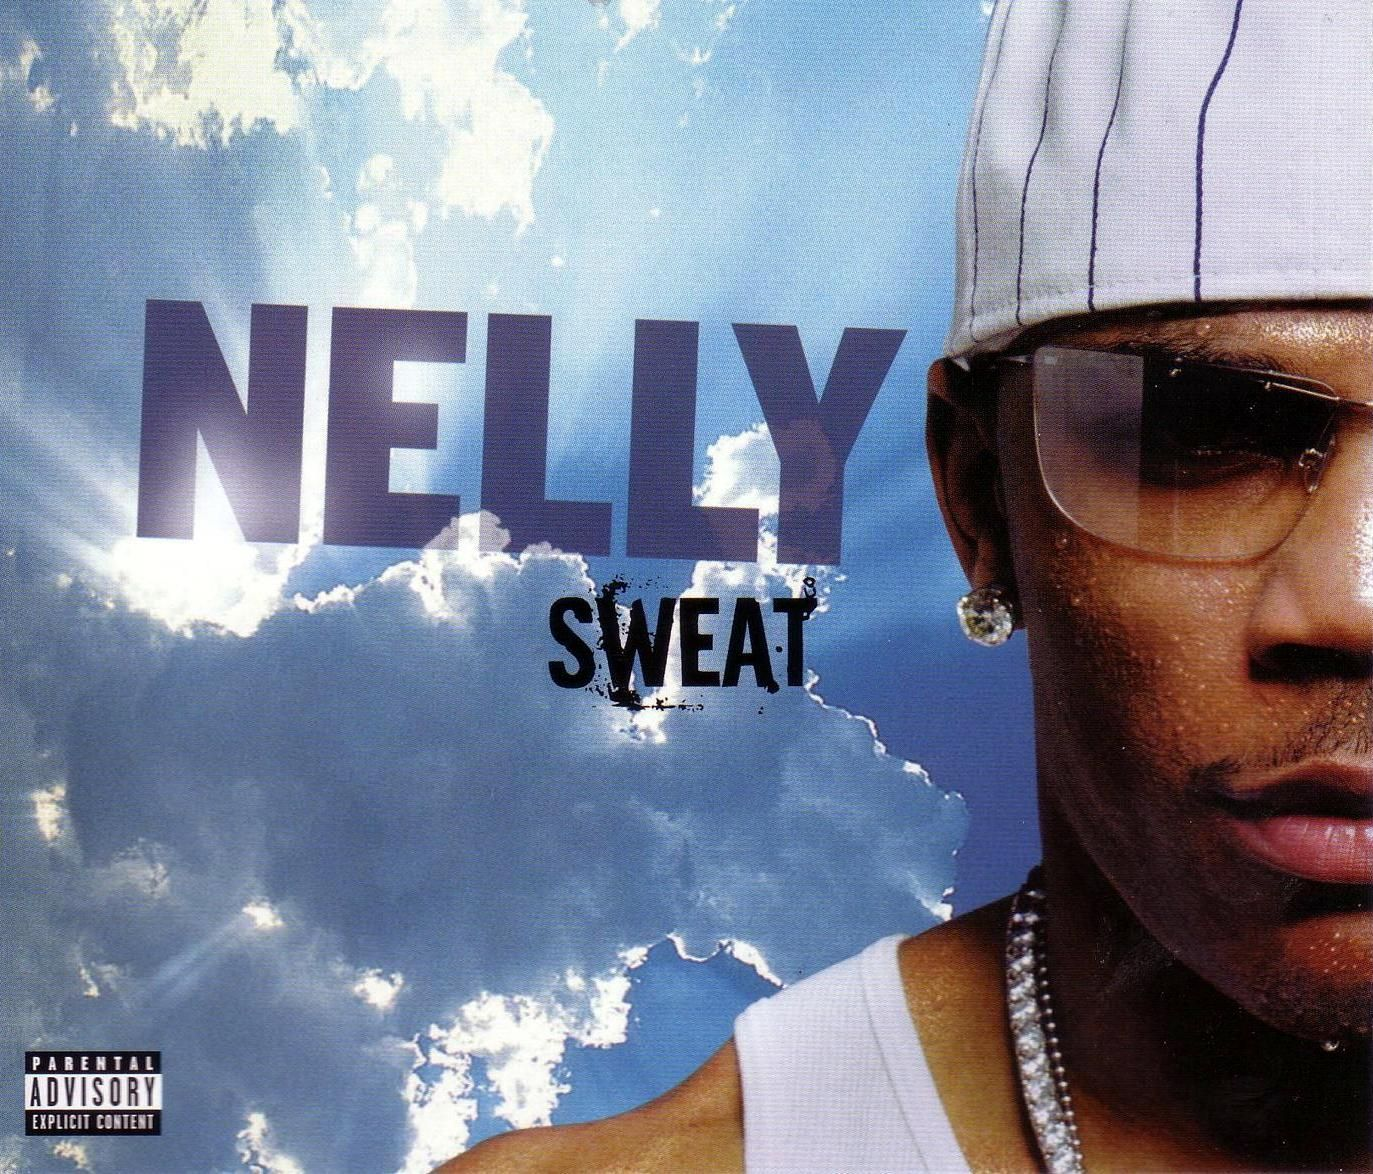 Nelly - Sweat album cover